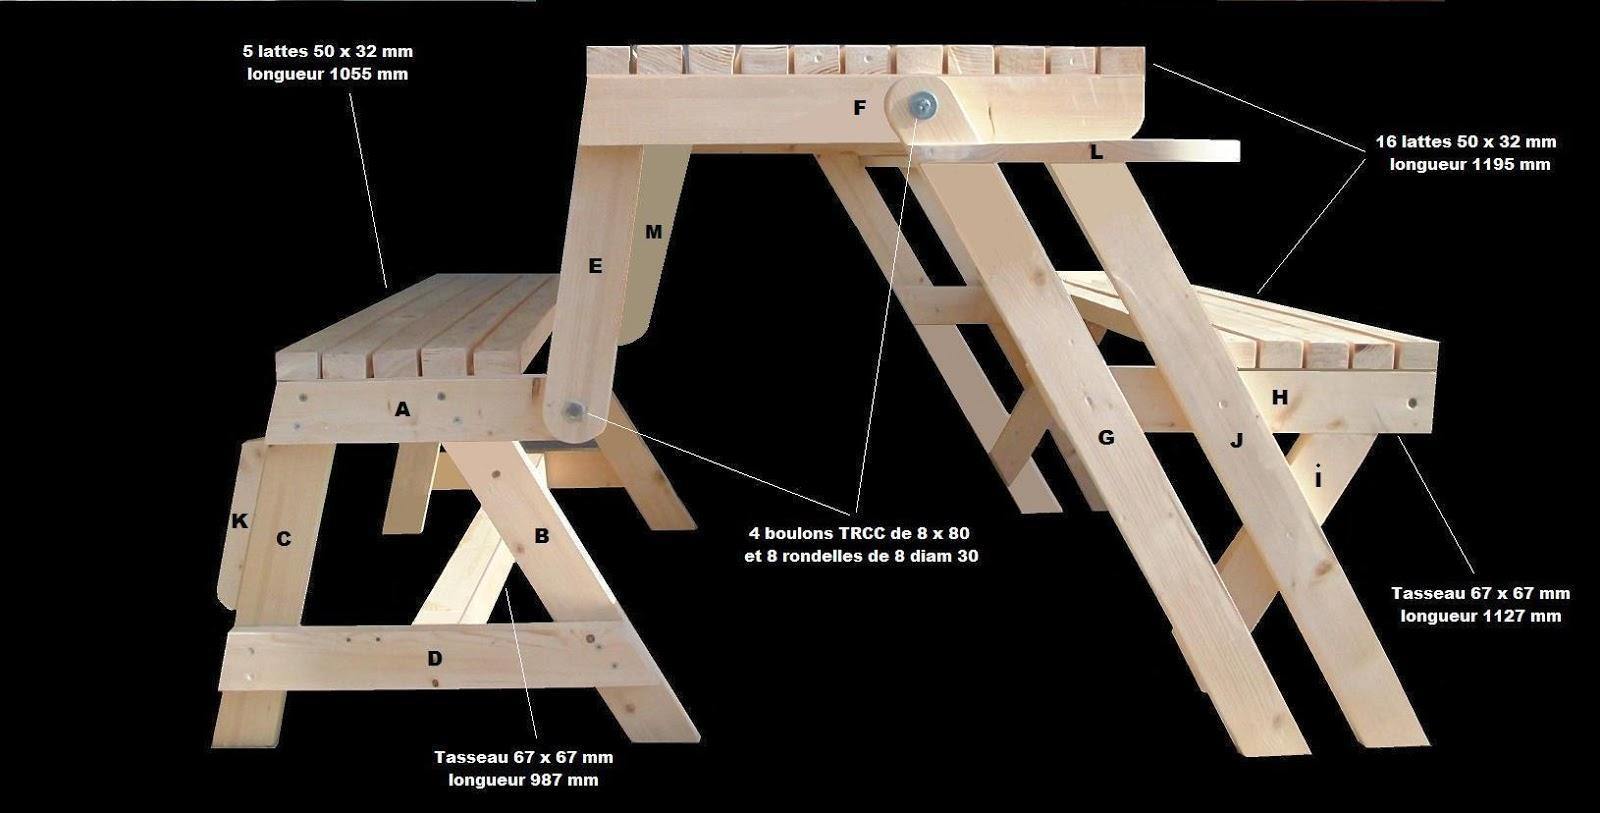 fabriquer une table de jardin en bois maison design bahbecom attrayant plan pour fabriquer une table de jardin en bois 0 stunning fabrication - Fabrication D Un Banc De Jardin En Bois